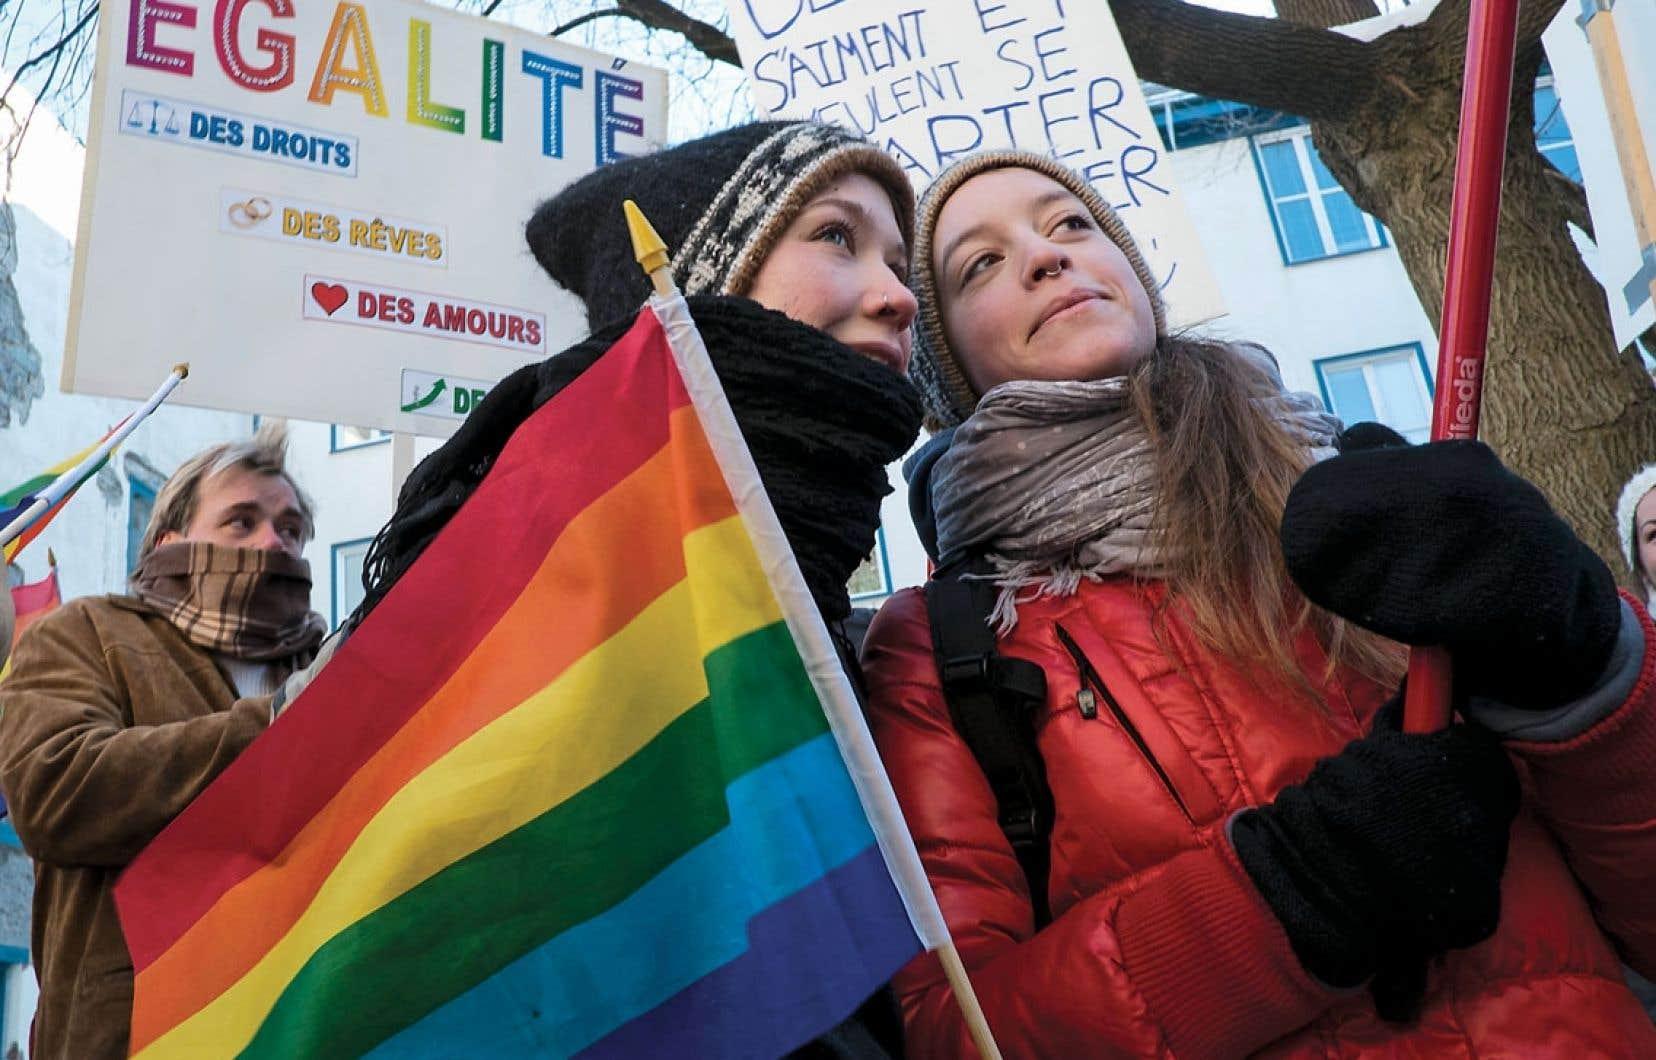 Une centaine de personnes ont manifesté dimanche devant le Consulat de France à Québec afin d'appuyer le projet de loi français visant à autoriser le mariage gai. Une autre manifestation d'appui s'est déroulée à Montréal en écho à un grand rassemblement tenu à Paris.